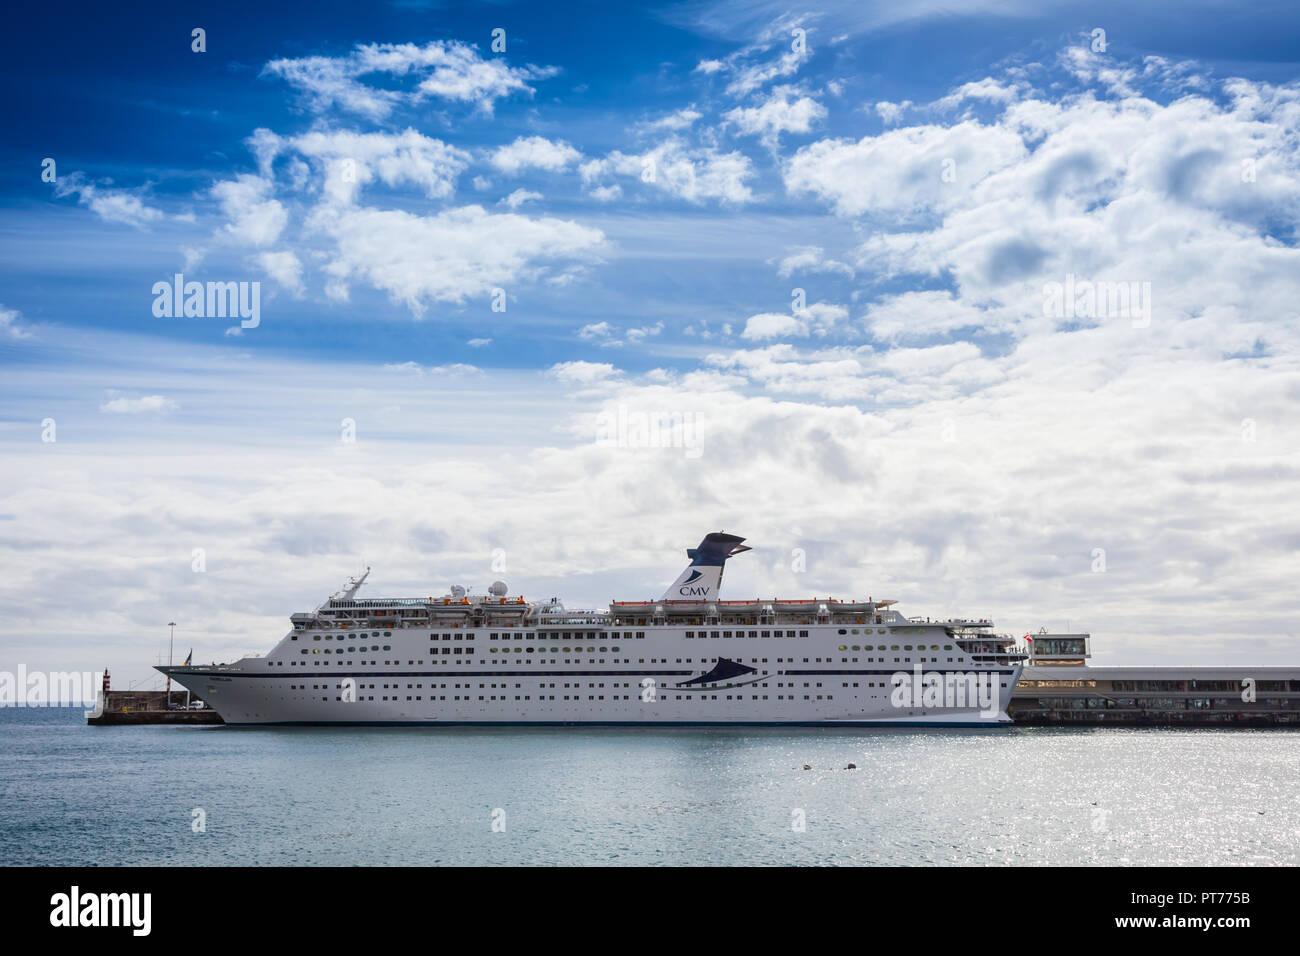 MV Magellan docked in Funchal, Madeira - Stock Image